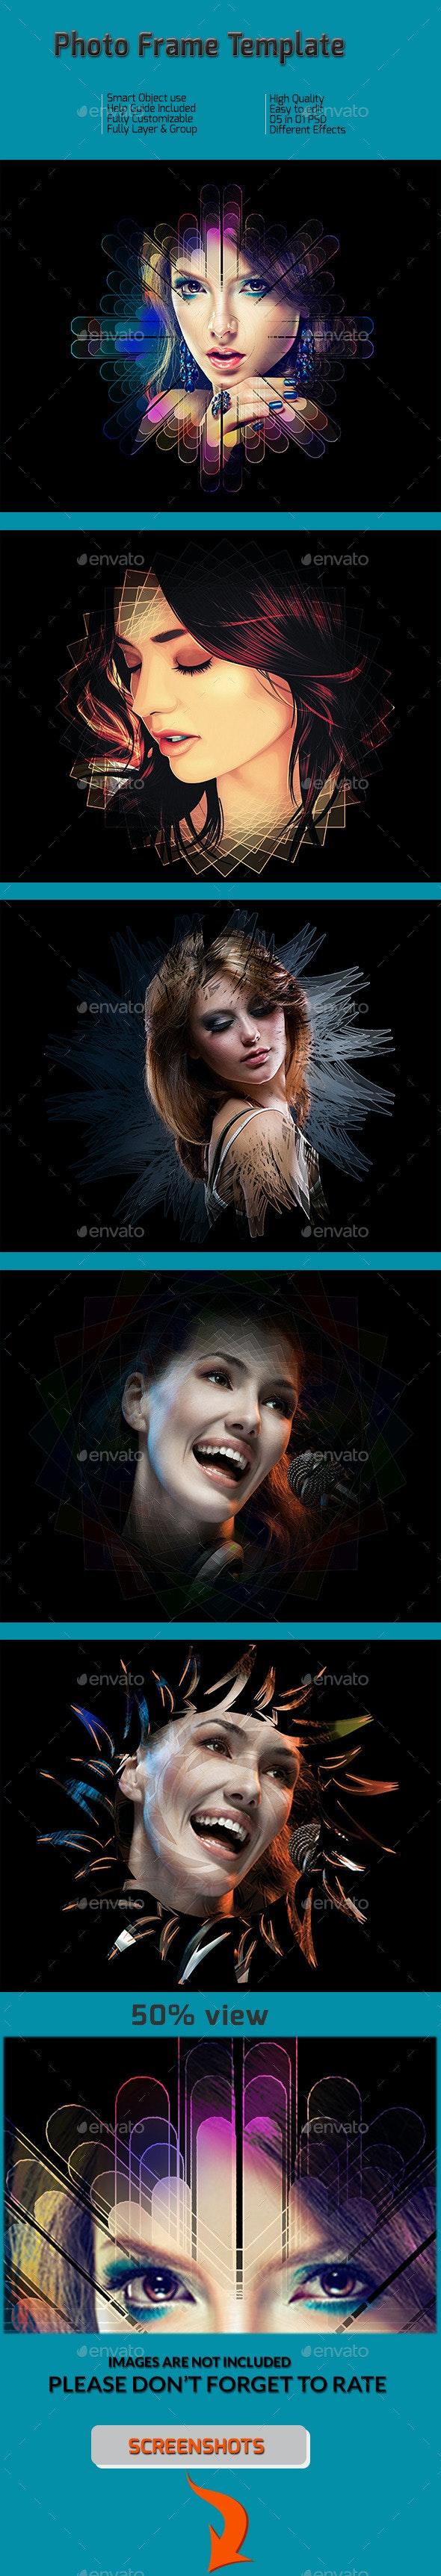 Photo Frame Template - Tech / Futuristic Photo Templates